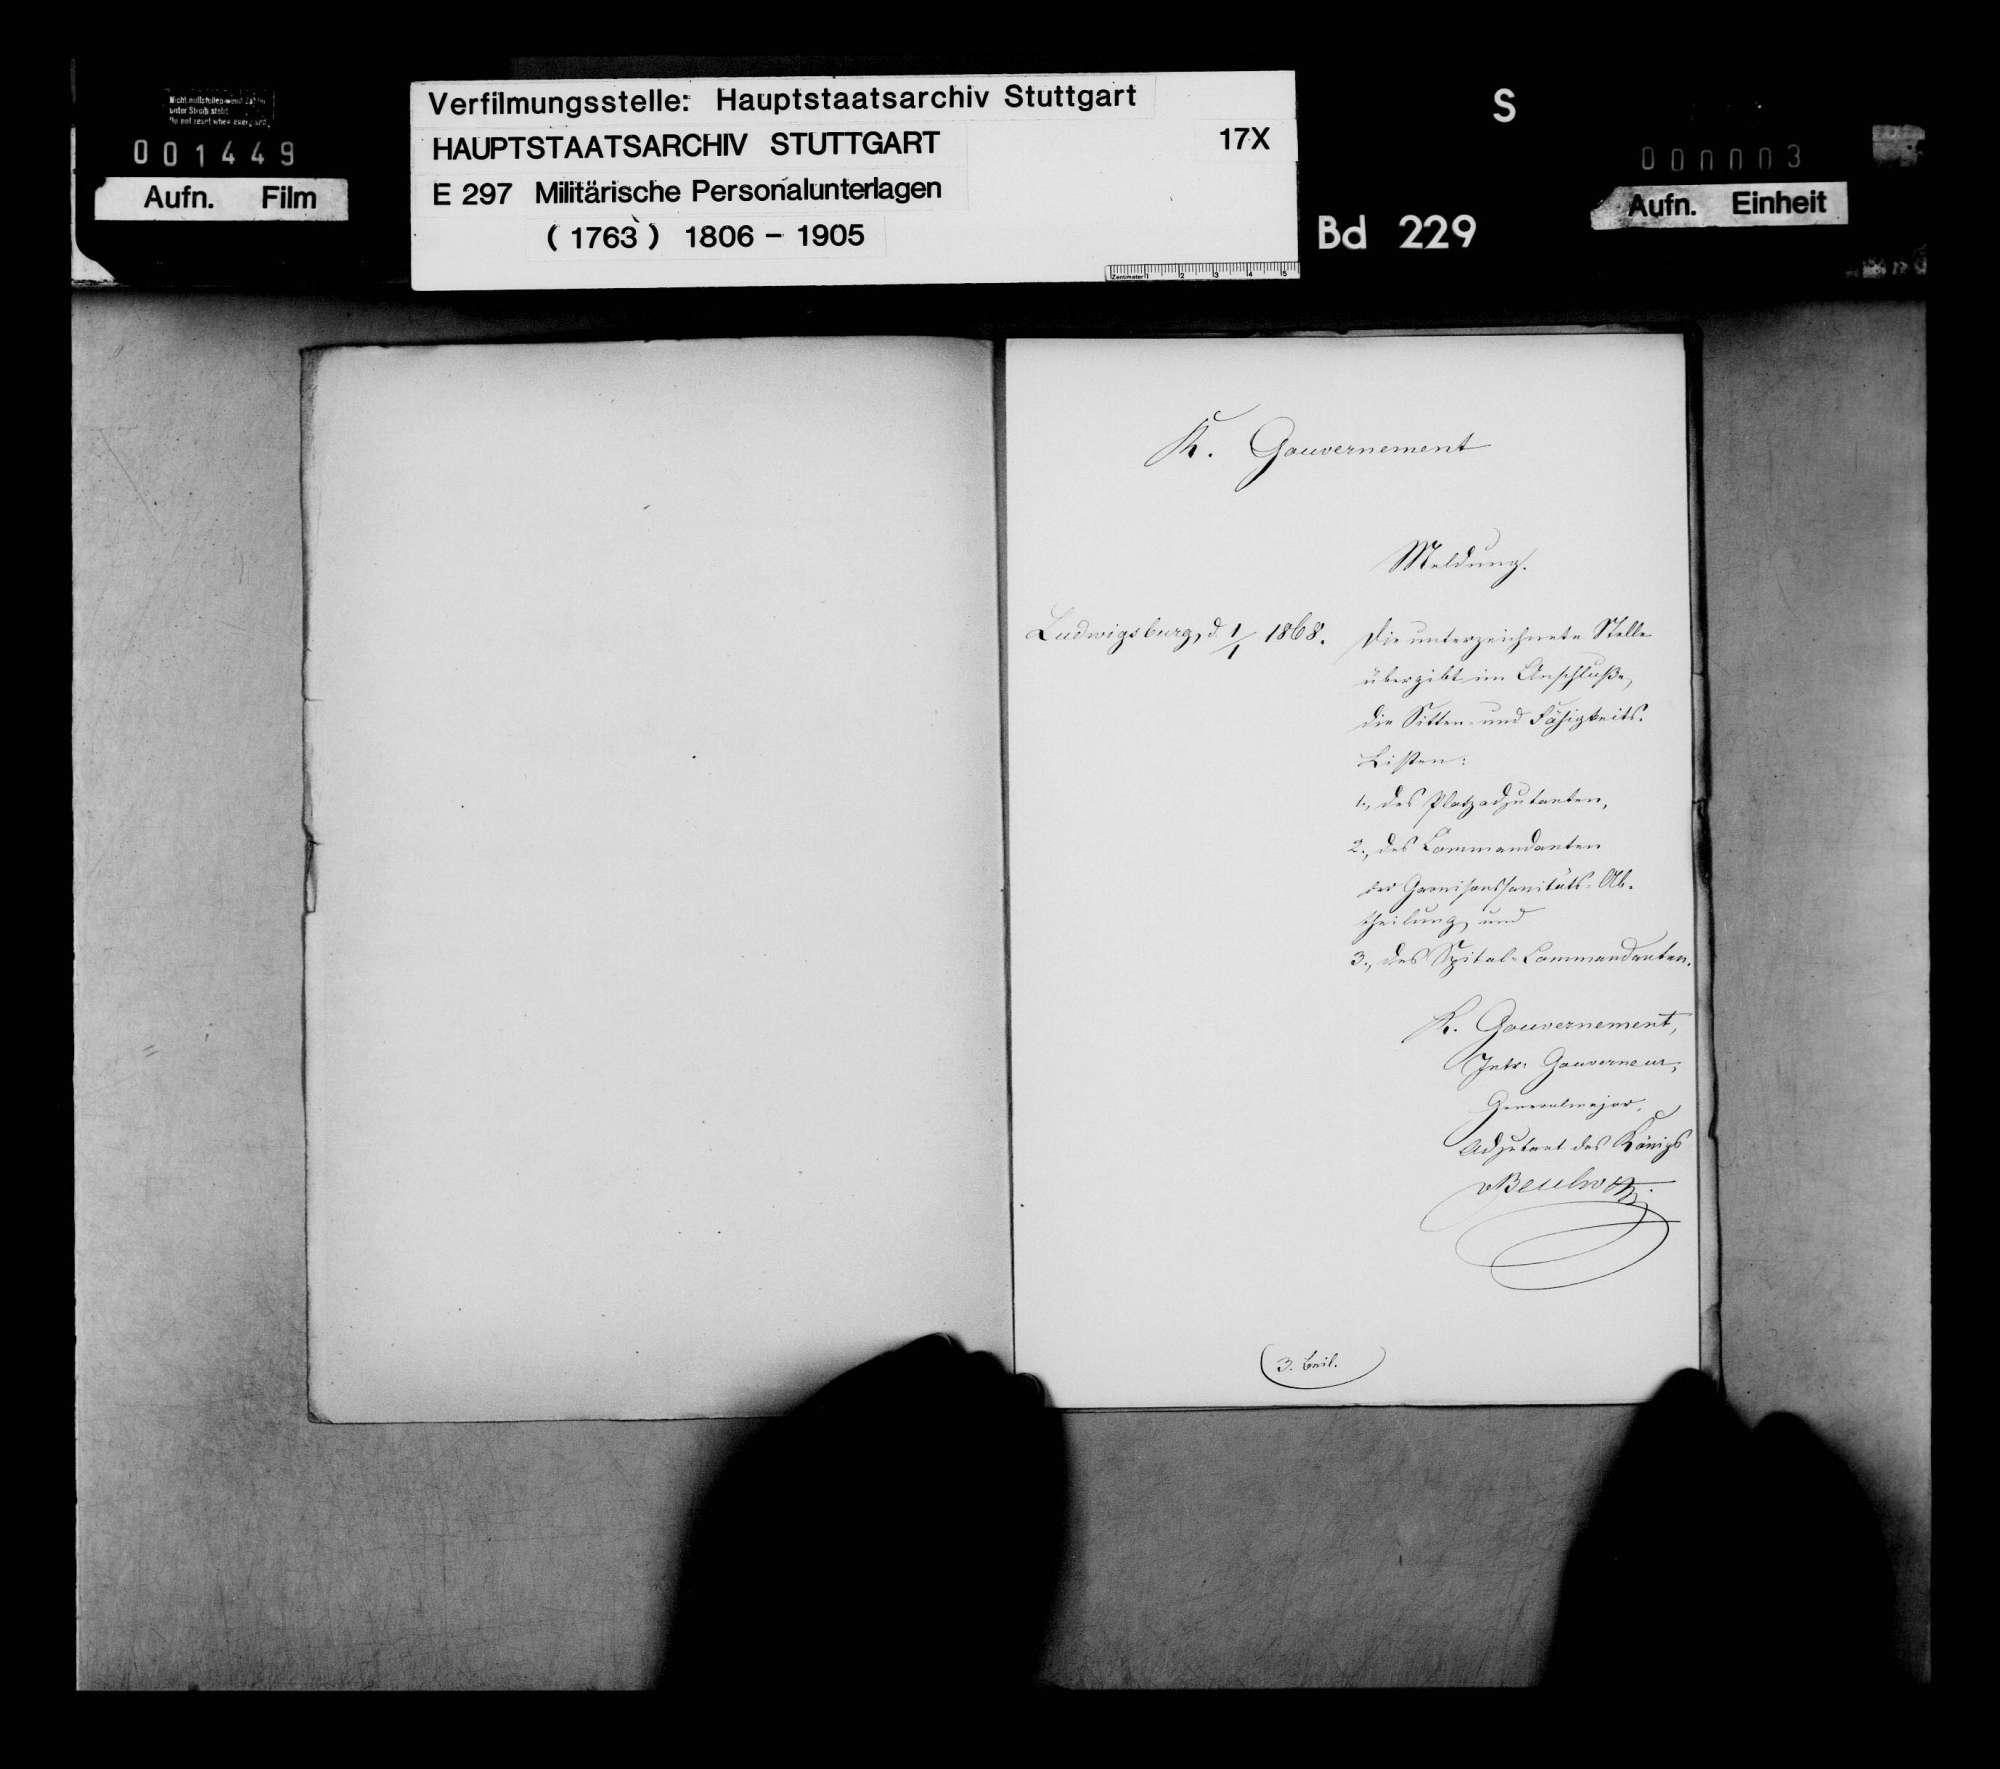 Sitten- und Fähigkeitslisten der Offiziere der Gouvernementsstäbe Ludwigsburg und Stuttgart sowie des Gouvernements Ulm, Bild 2